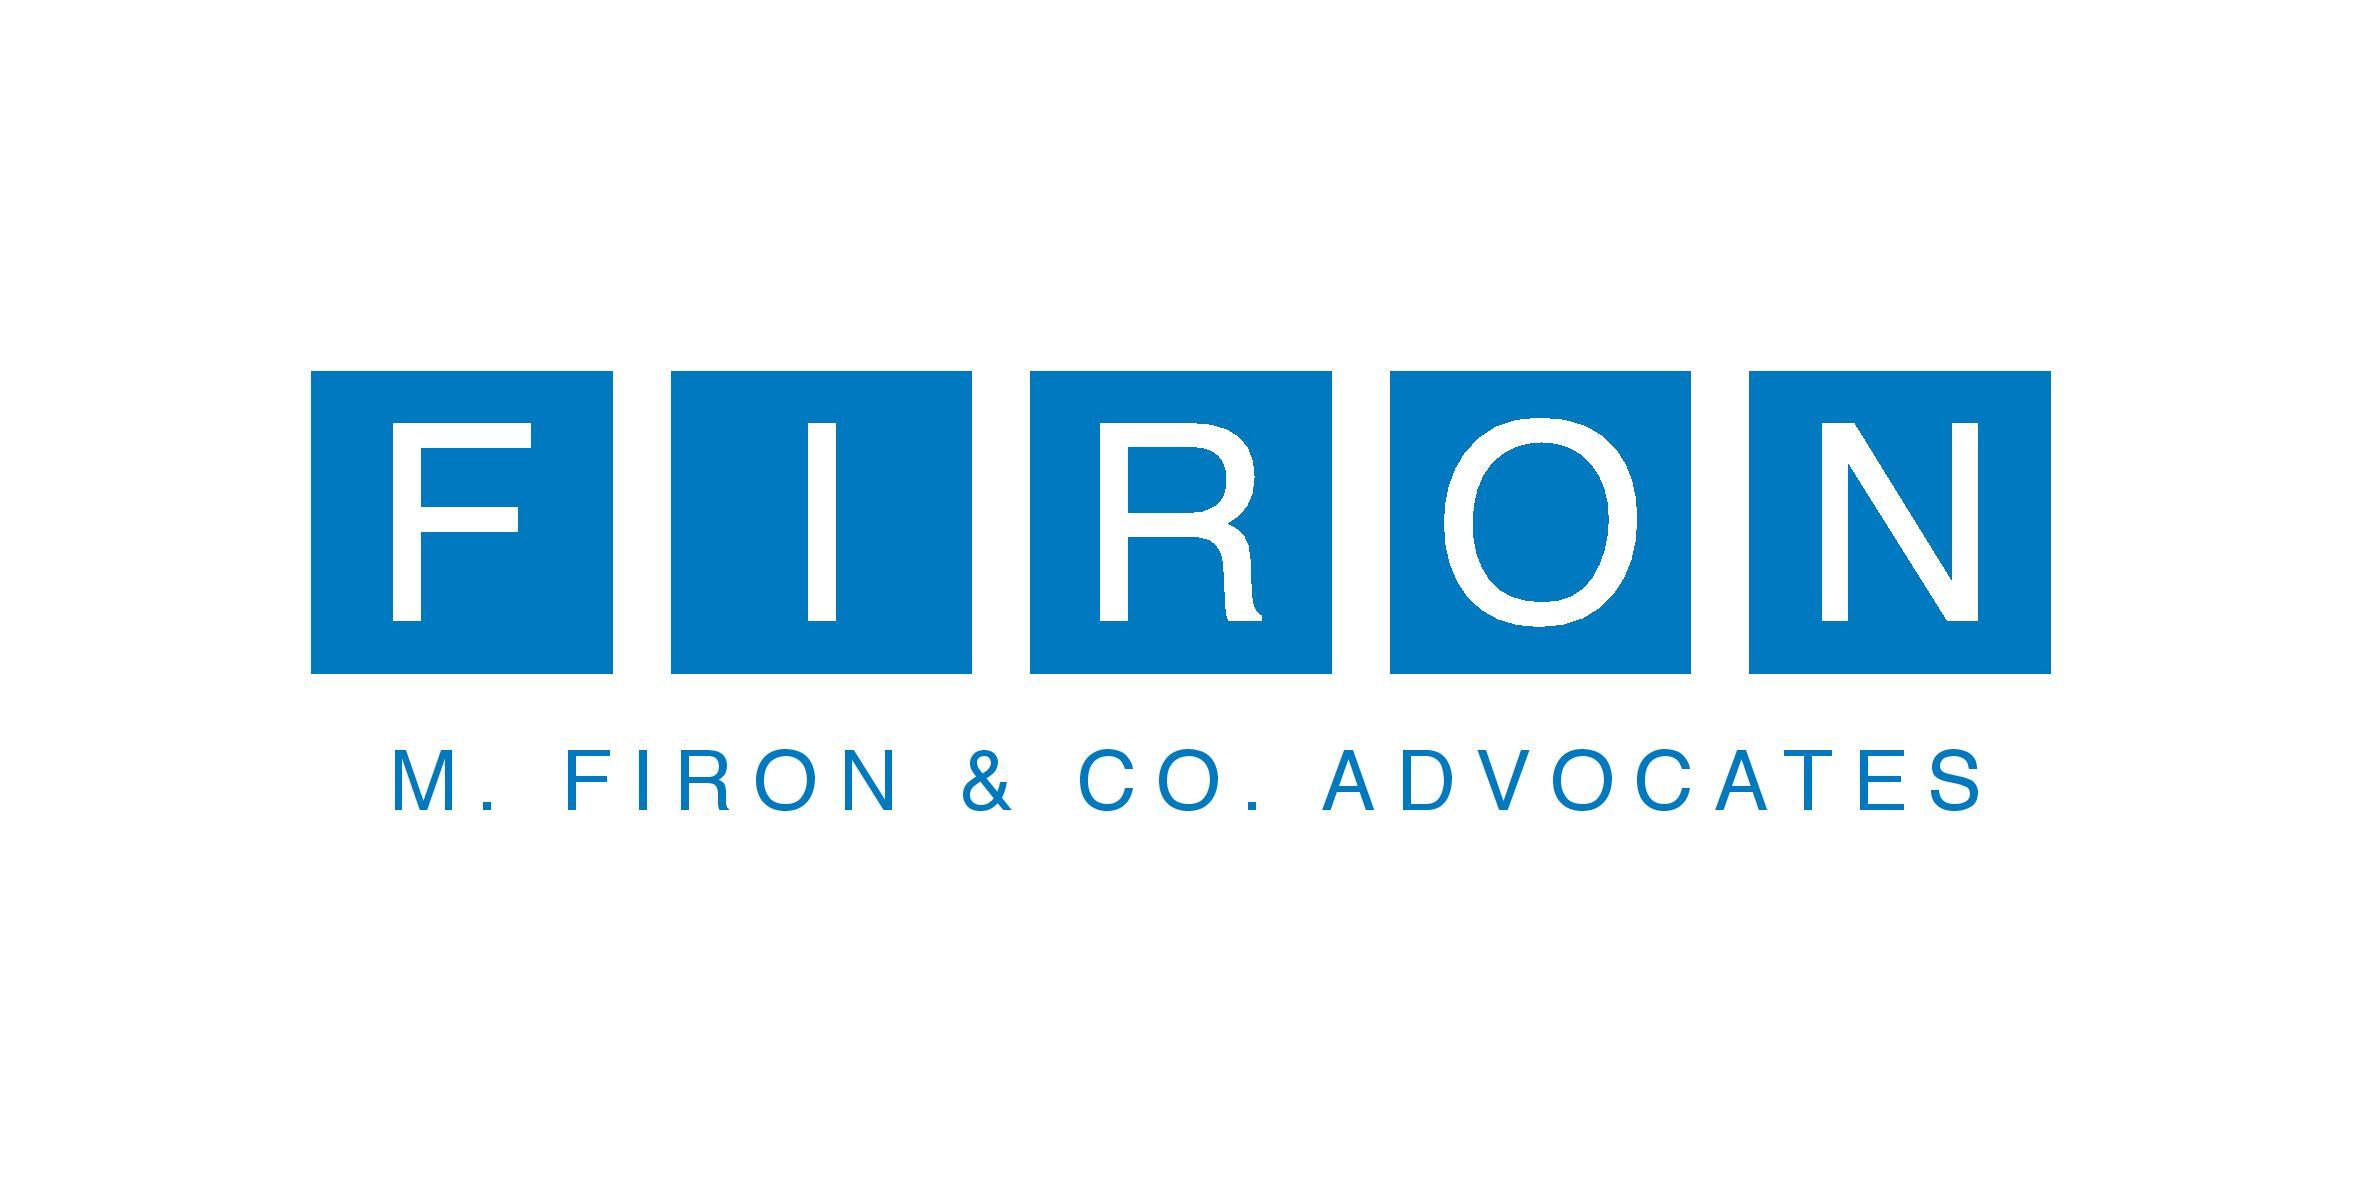 לוגו משרד עורכי דין מ. פירון